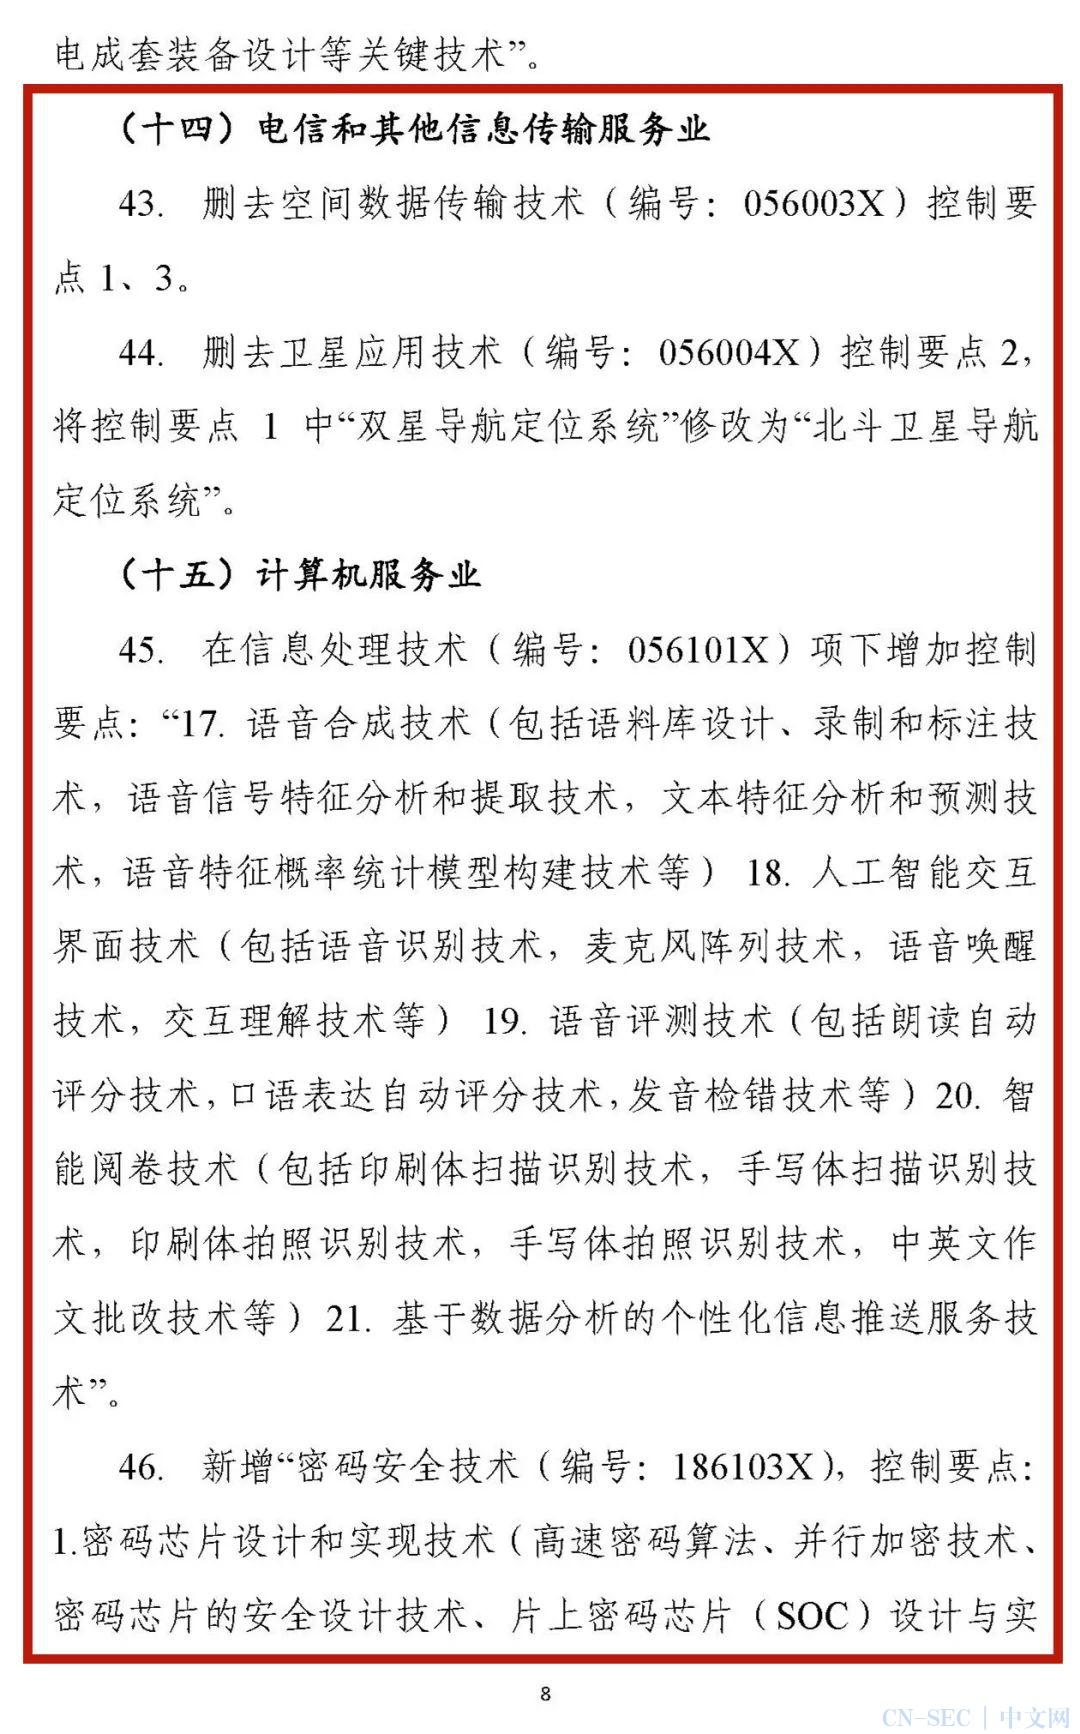 关注   商务部、科技部调整发布《中国禁止出口限制出口技术目录》 多项涉及网络安全